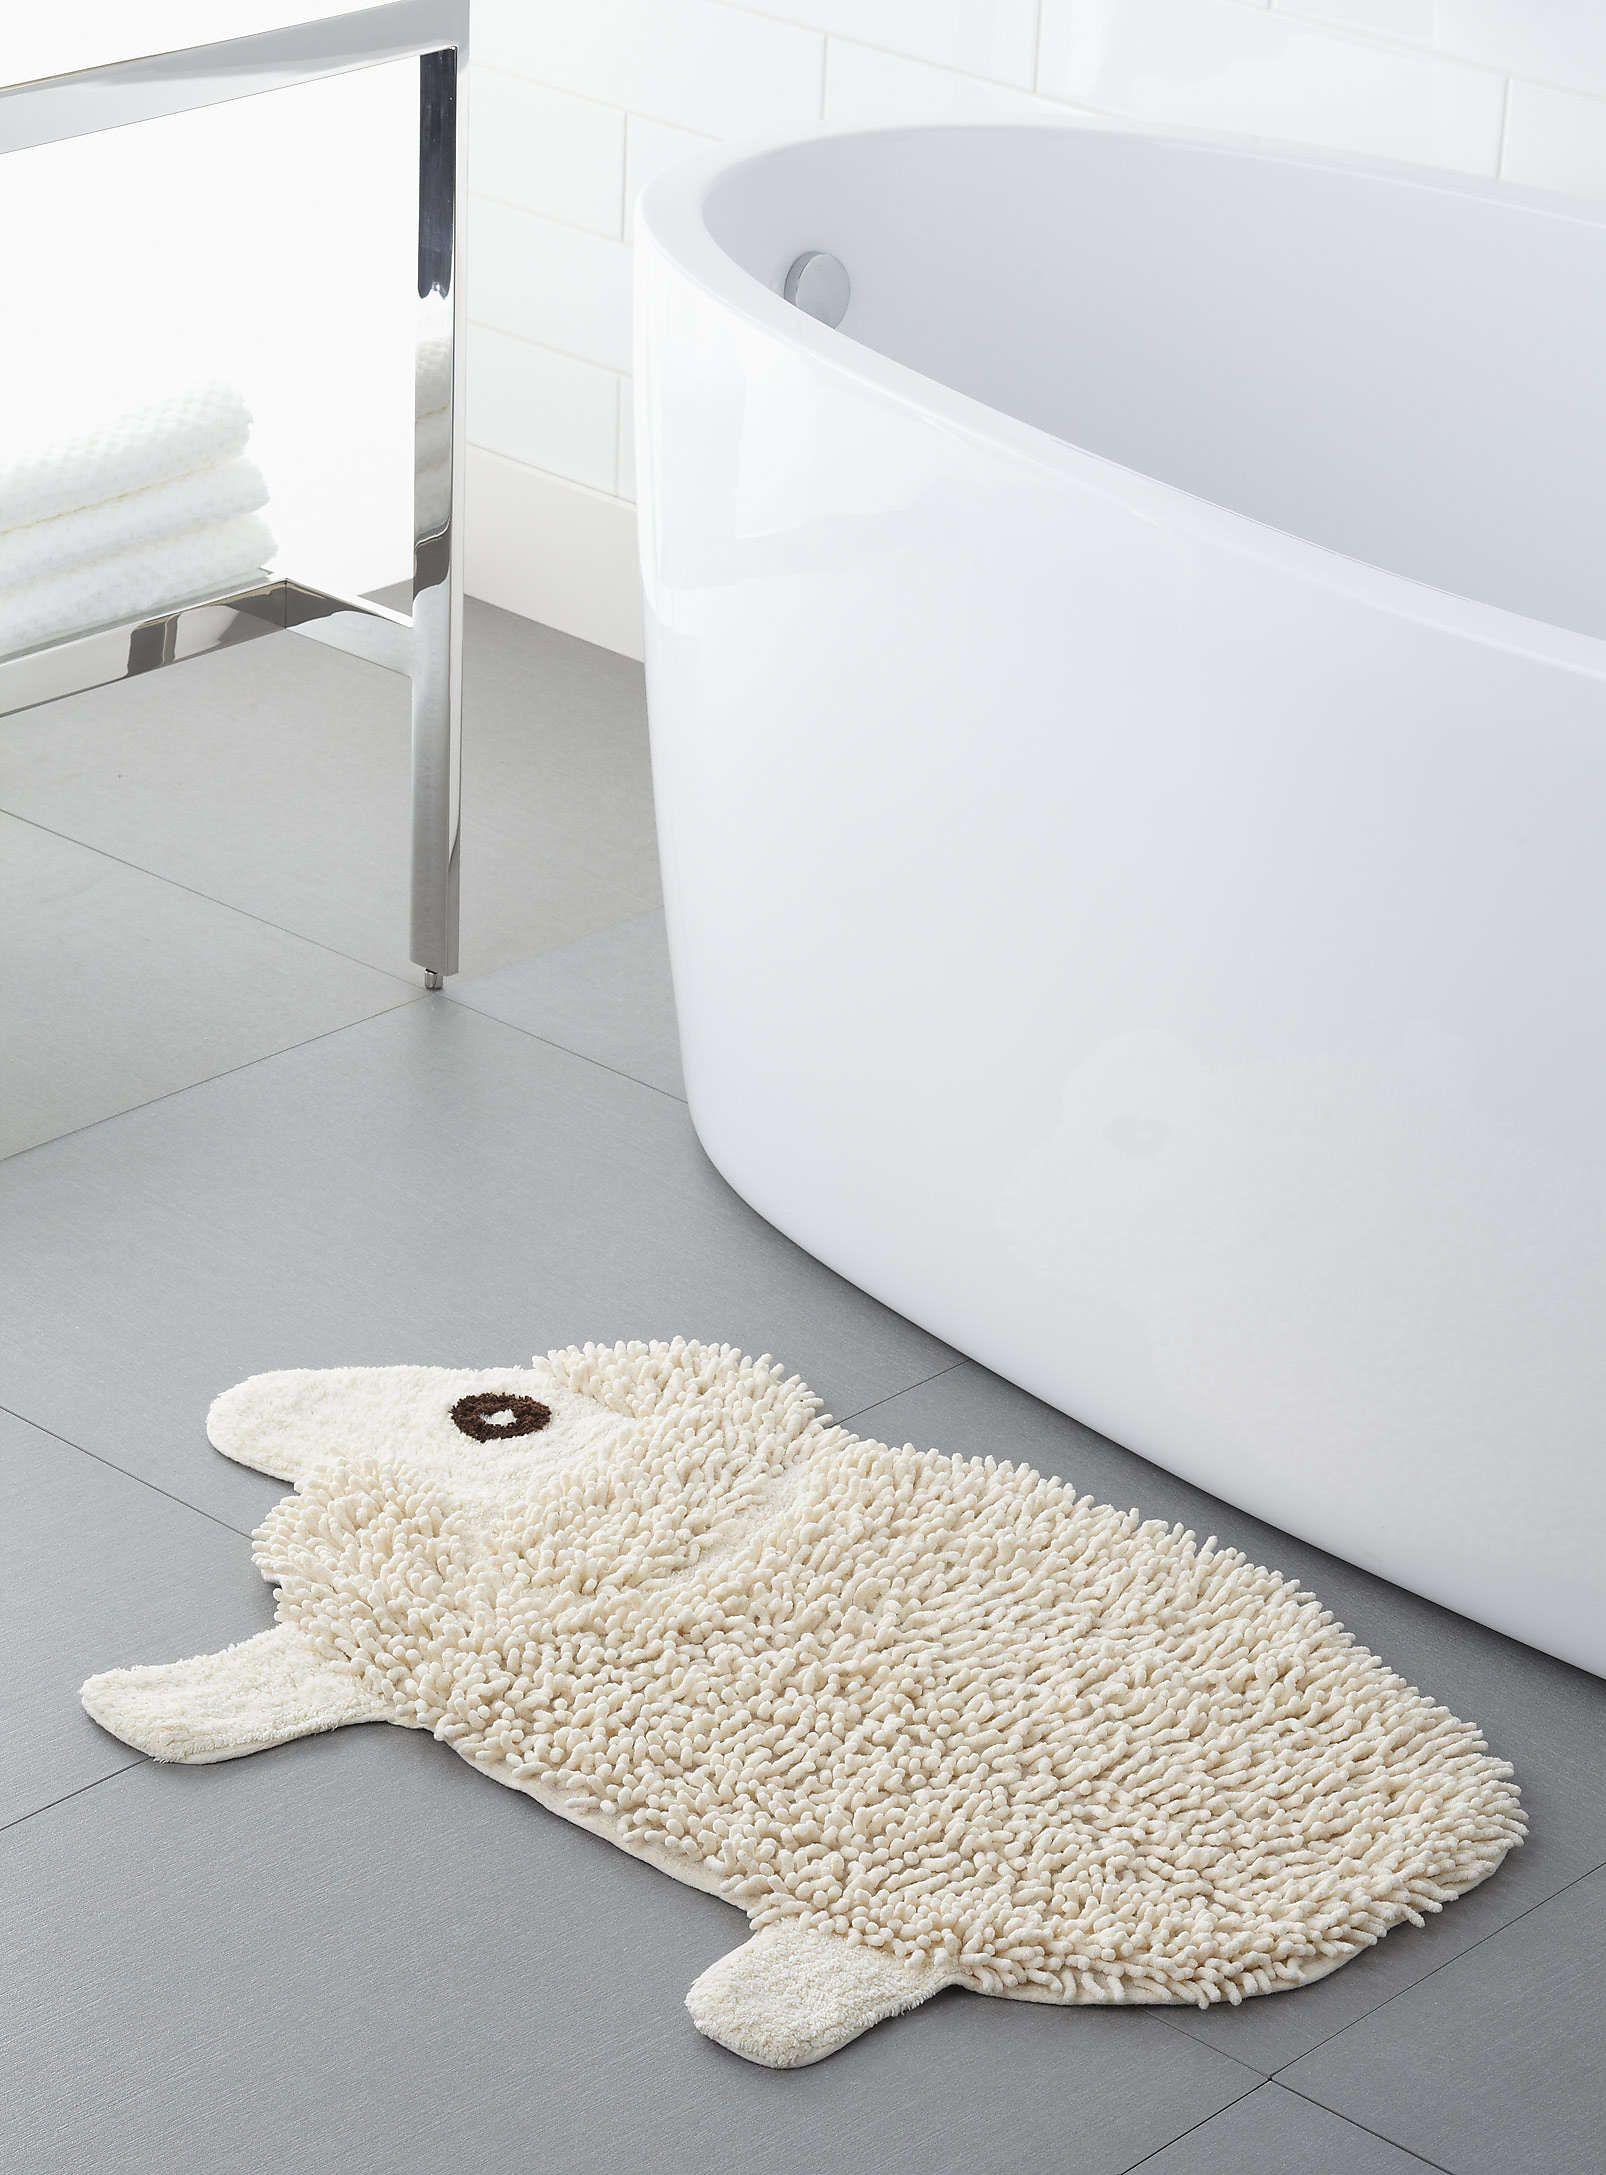 Salle De Bain Exterieur ~ small sheep bath mat tapis de bain mouton simons home bathroom